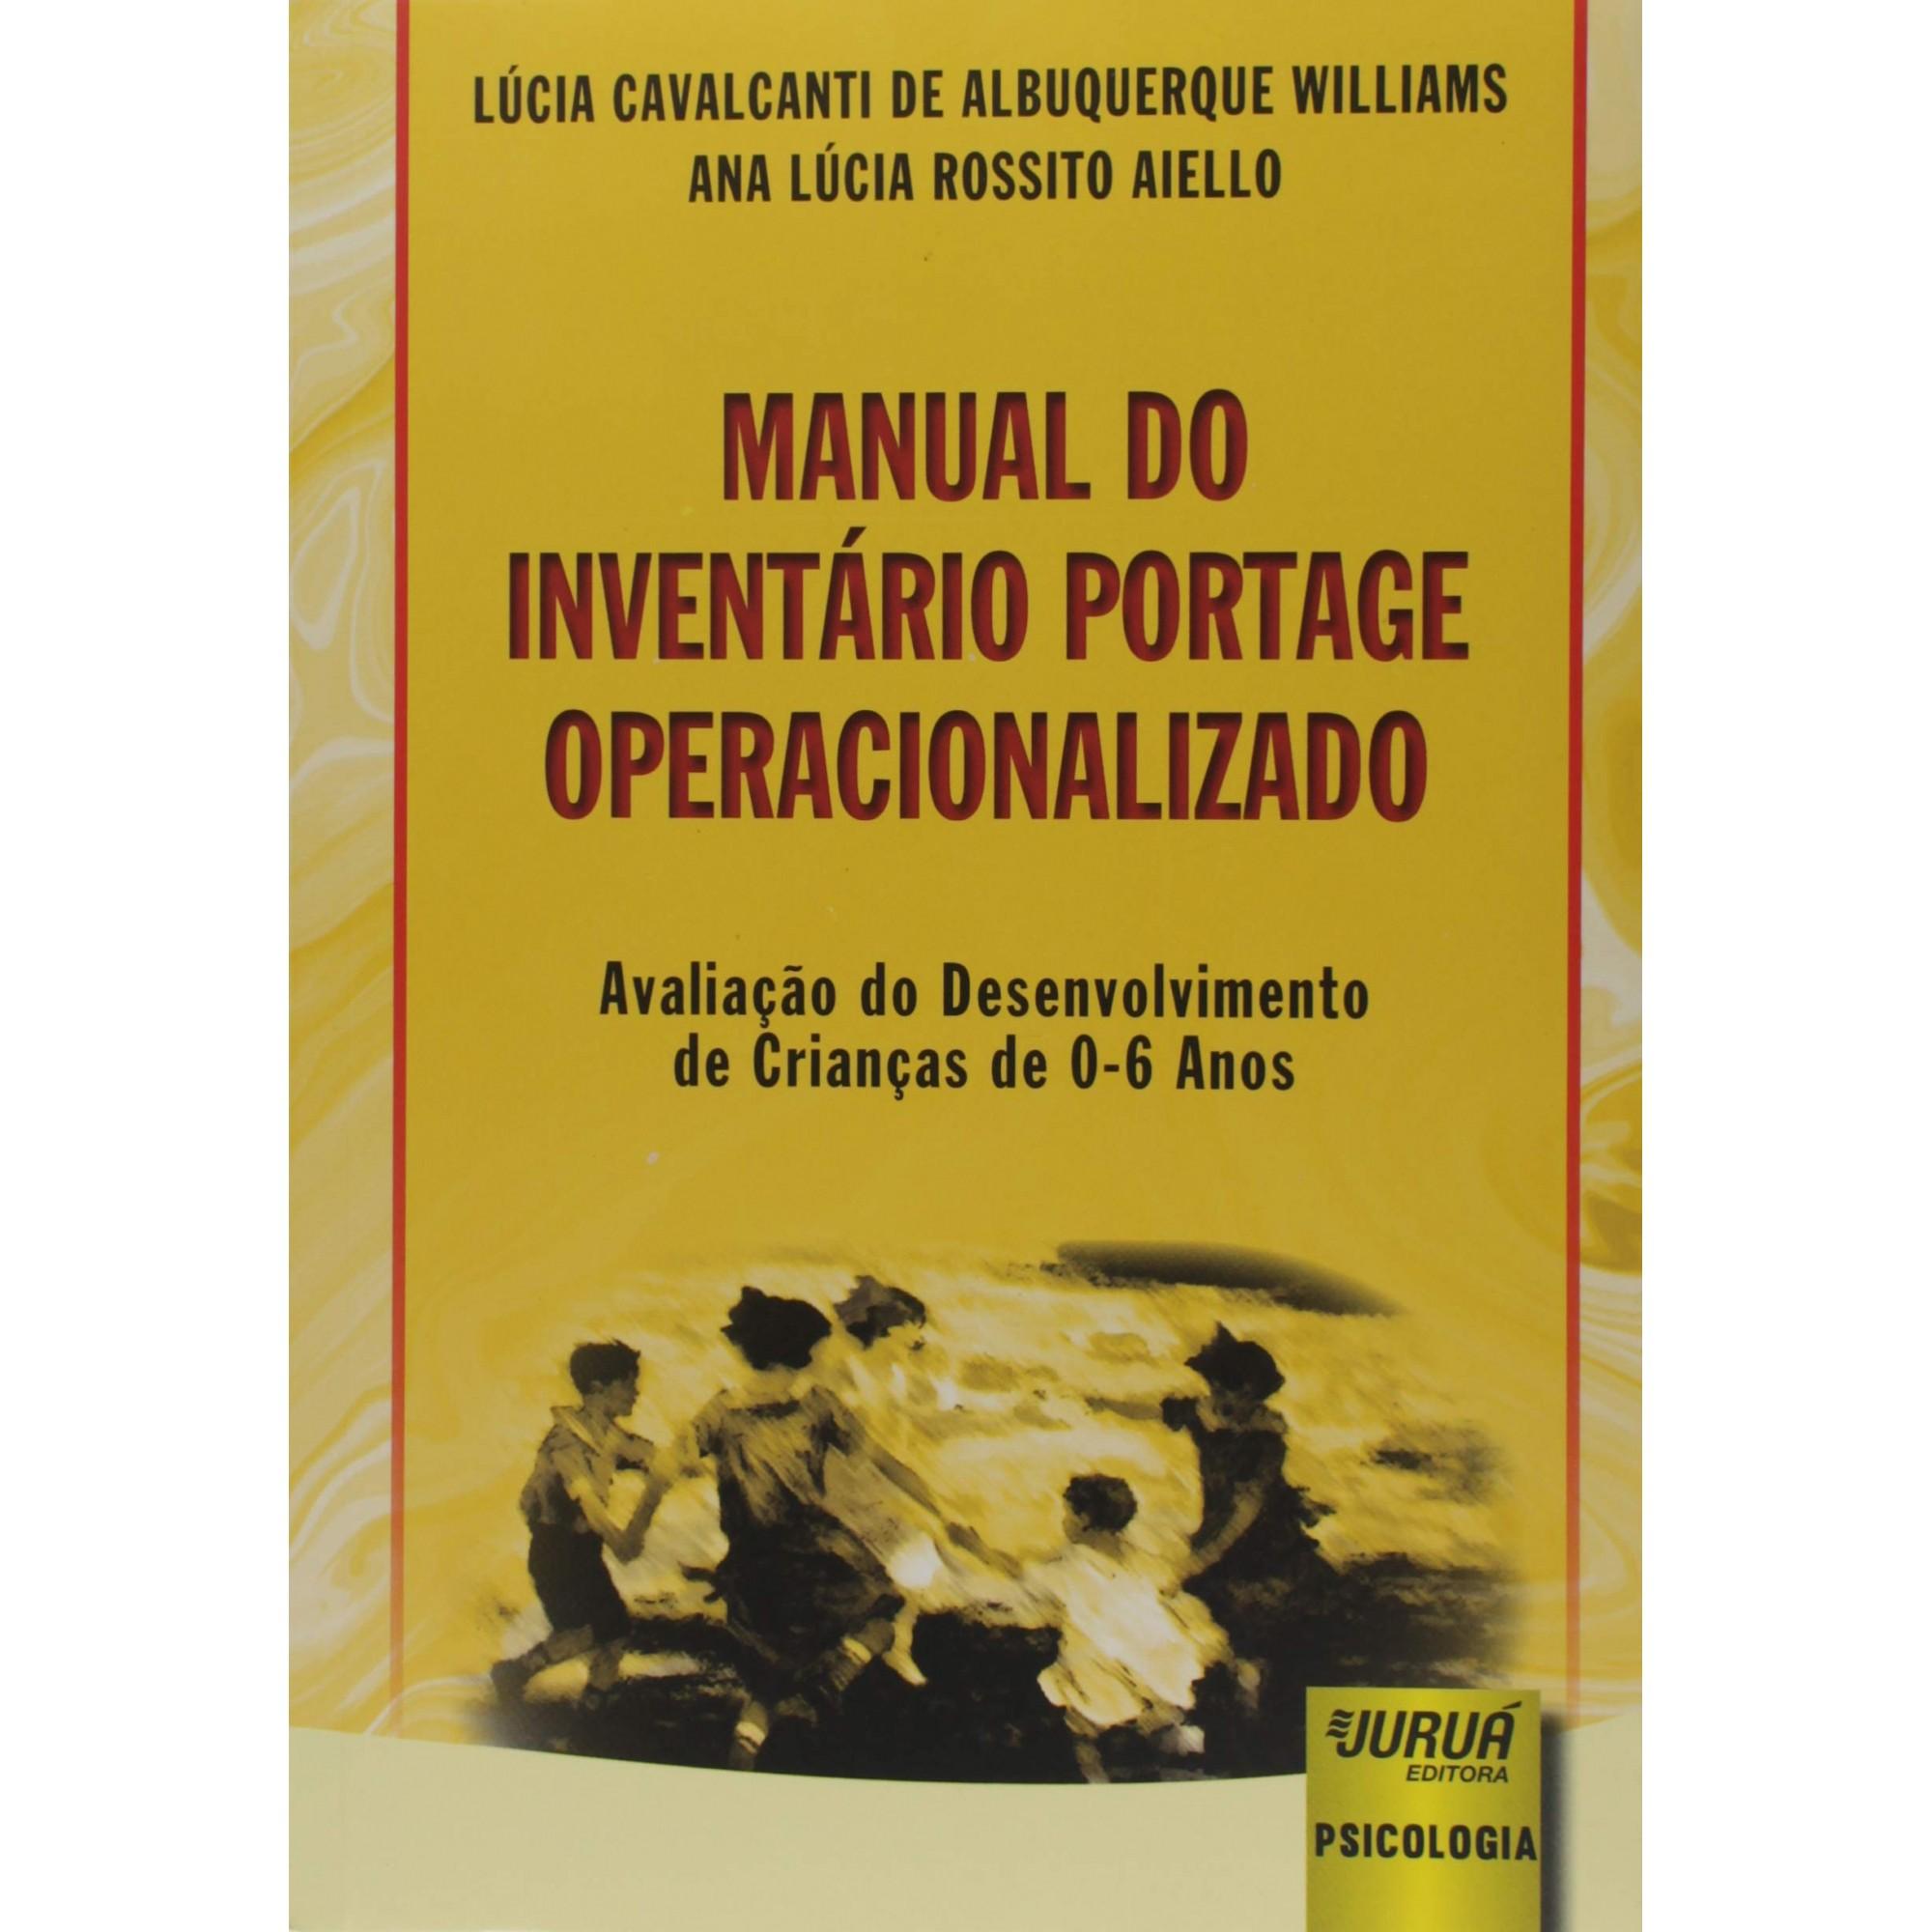 MANUAL DO INVENTARIO PORTAGE OPERACIONALIZADO - Avaliação do Desenvolvimento de Crianças de 0-6 Anos